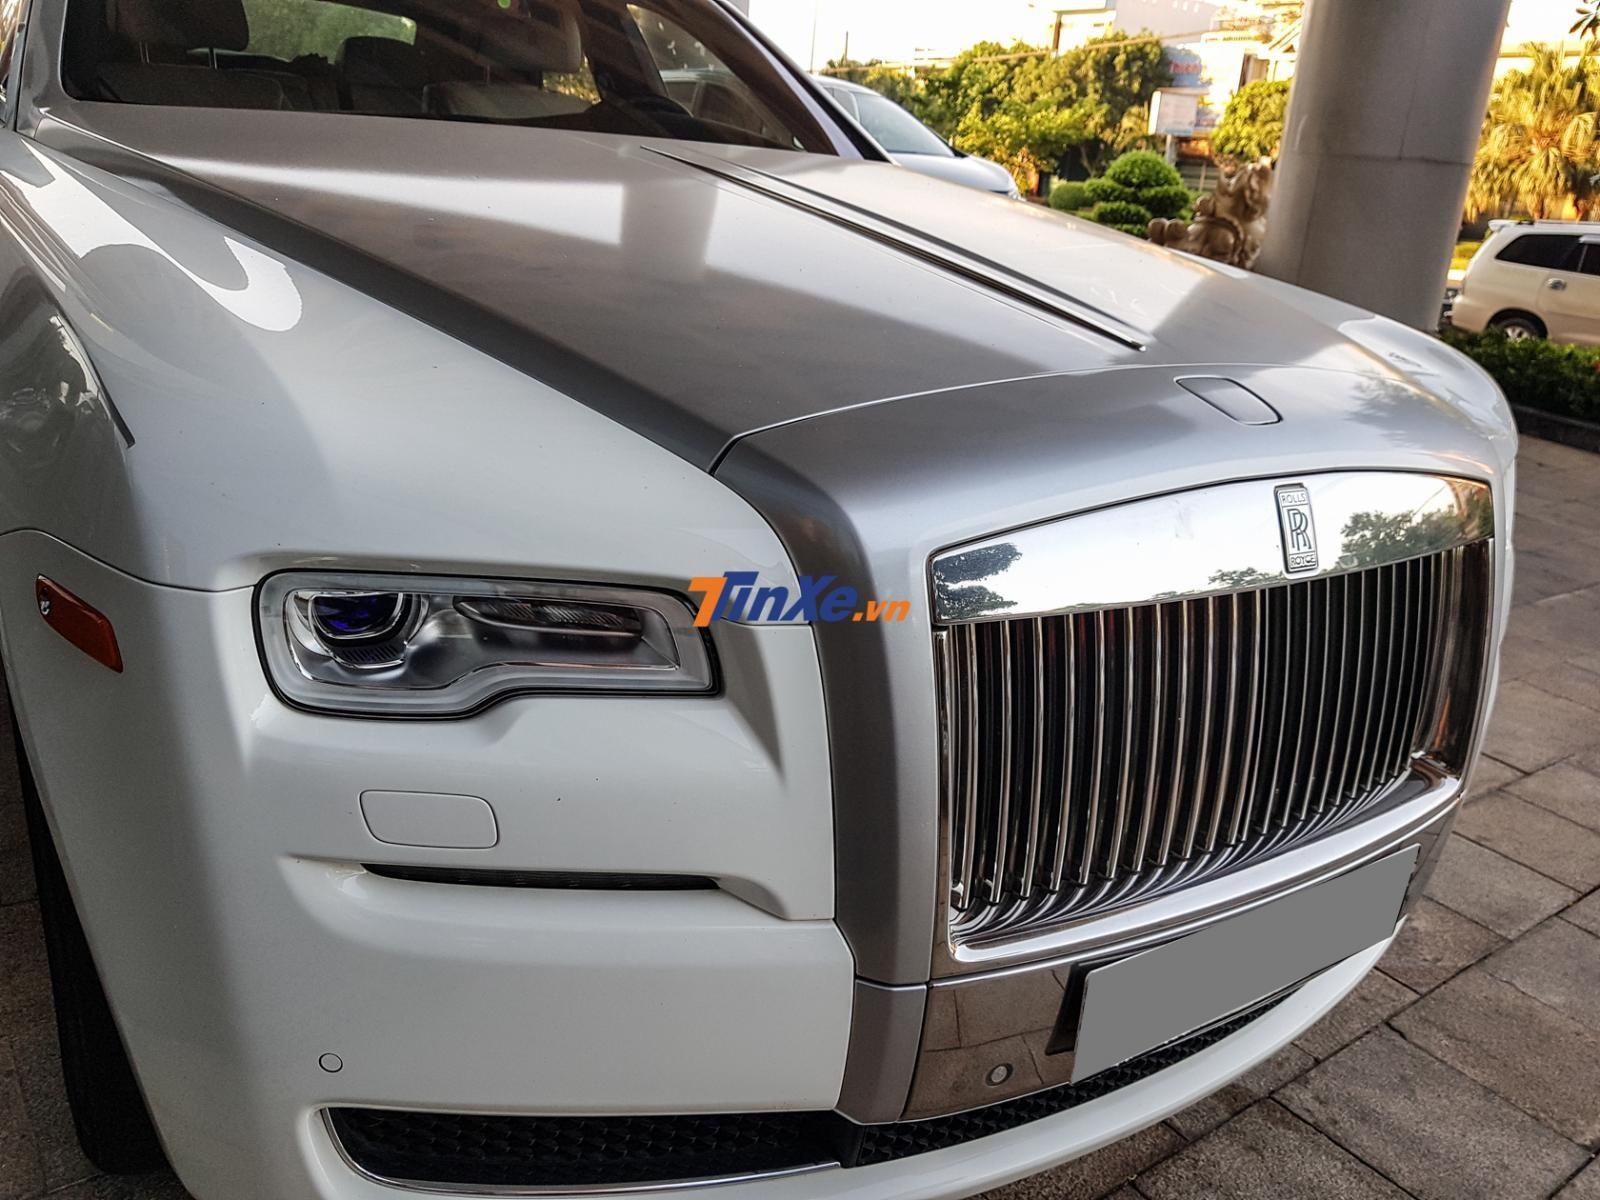 Chiếc xe siêu sang Rolls-Royce Ghost bị móp khá nặng một bên đầu xe thuộc phiên bản Series II